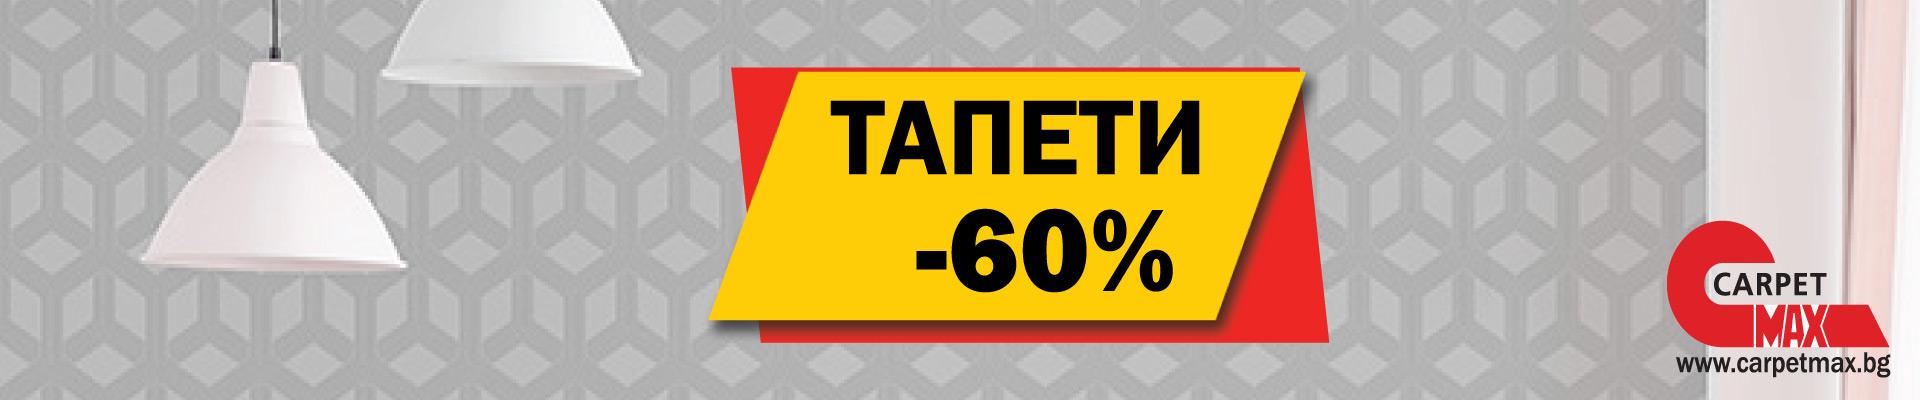 Тапети -60% март